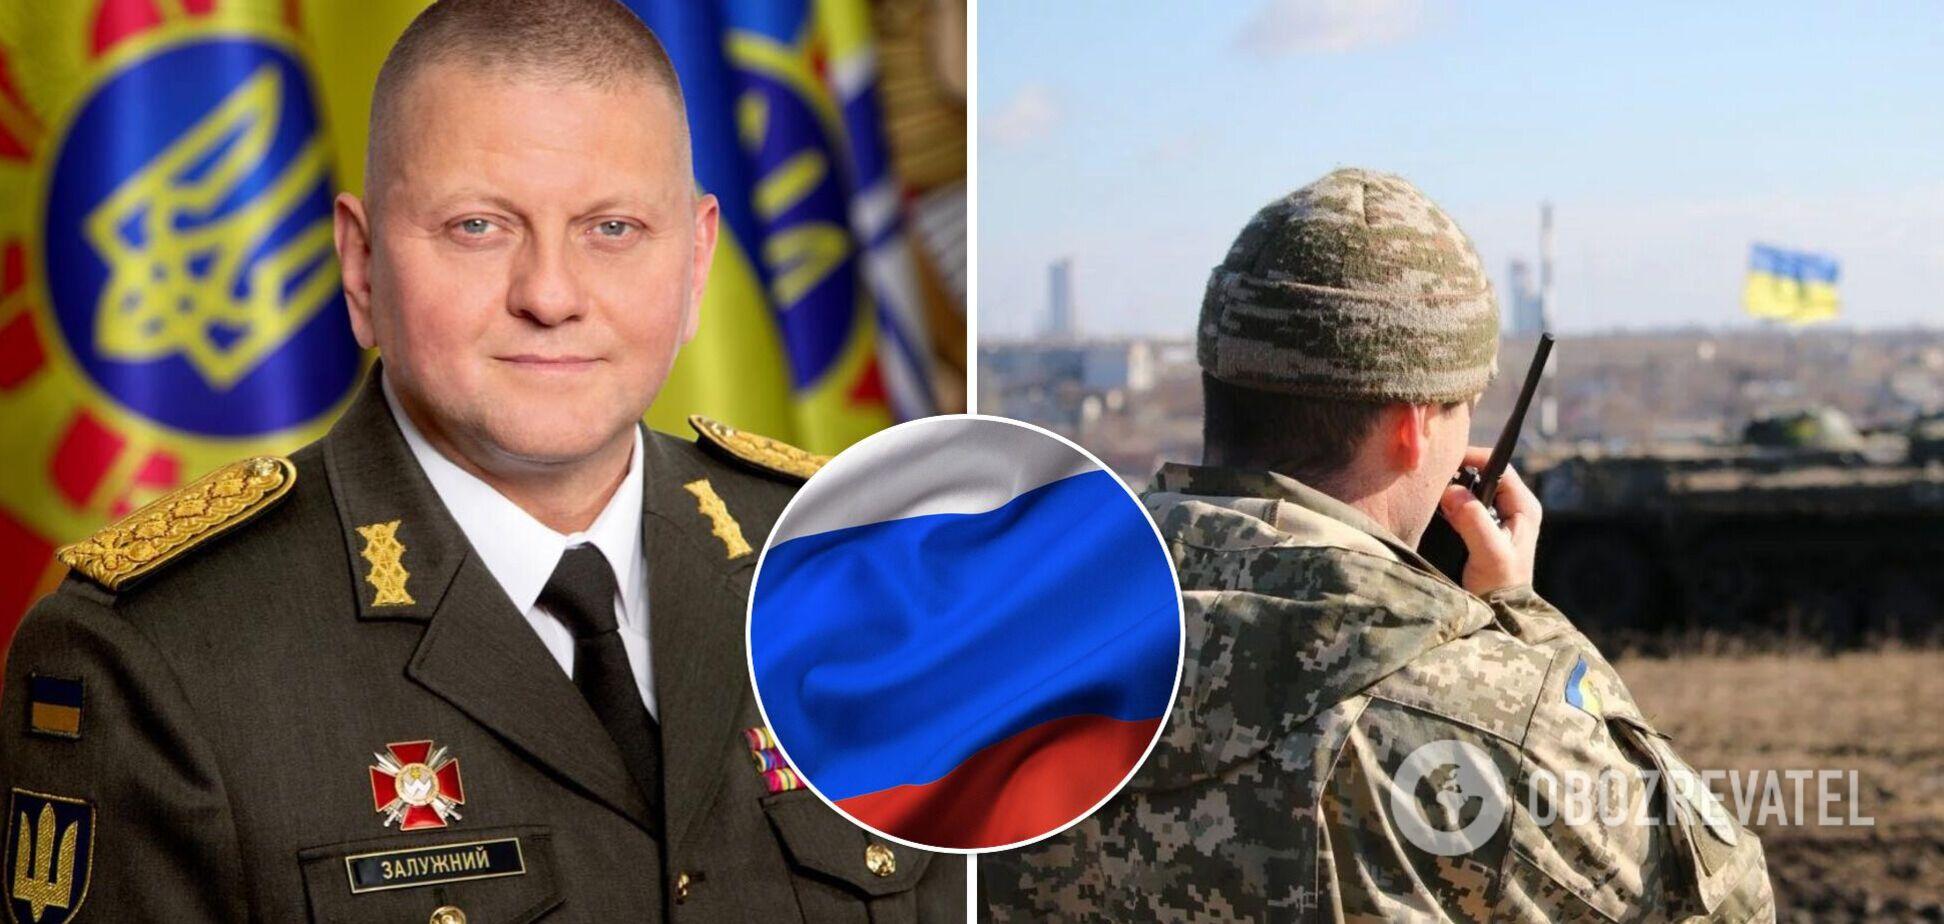 Головнокомандувач ЗСУ про загострення на Донбасі: готуємося до загрози повномасштабного вторгнення РФ